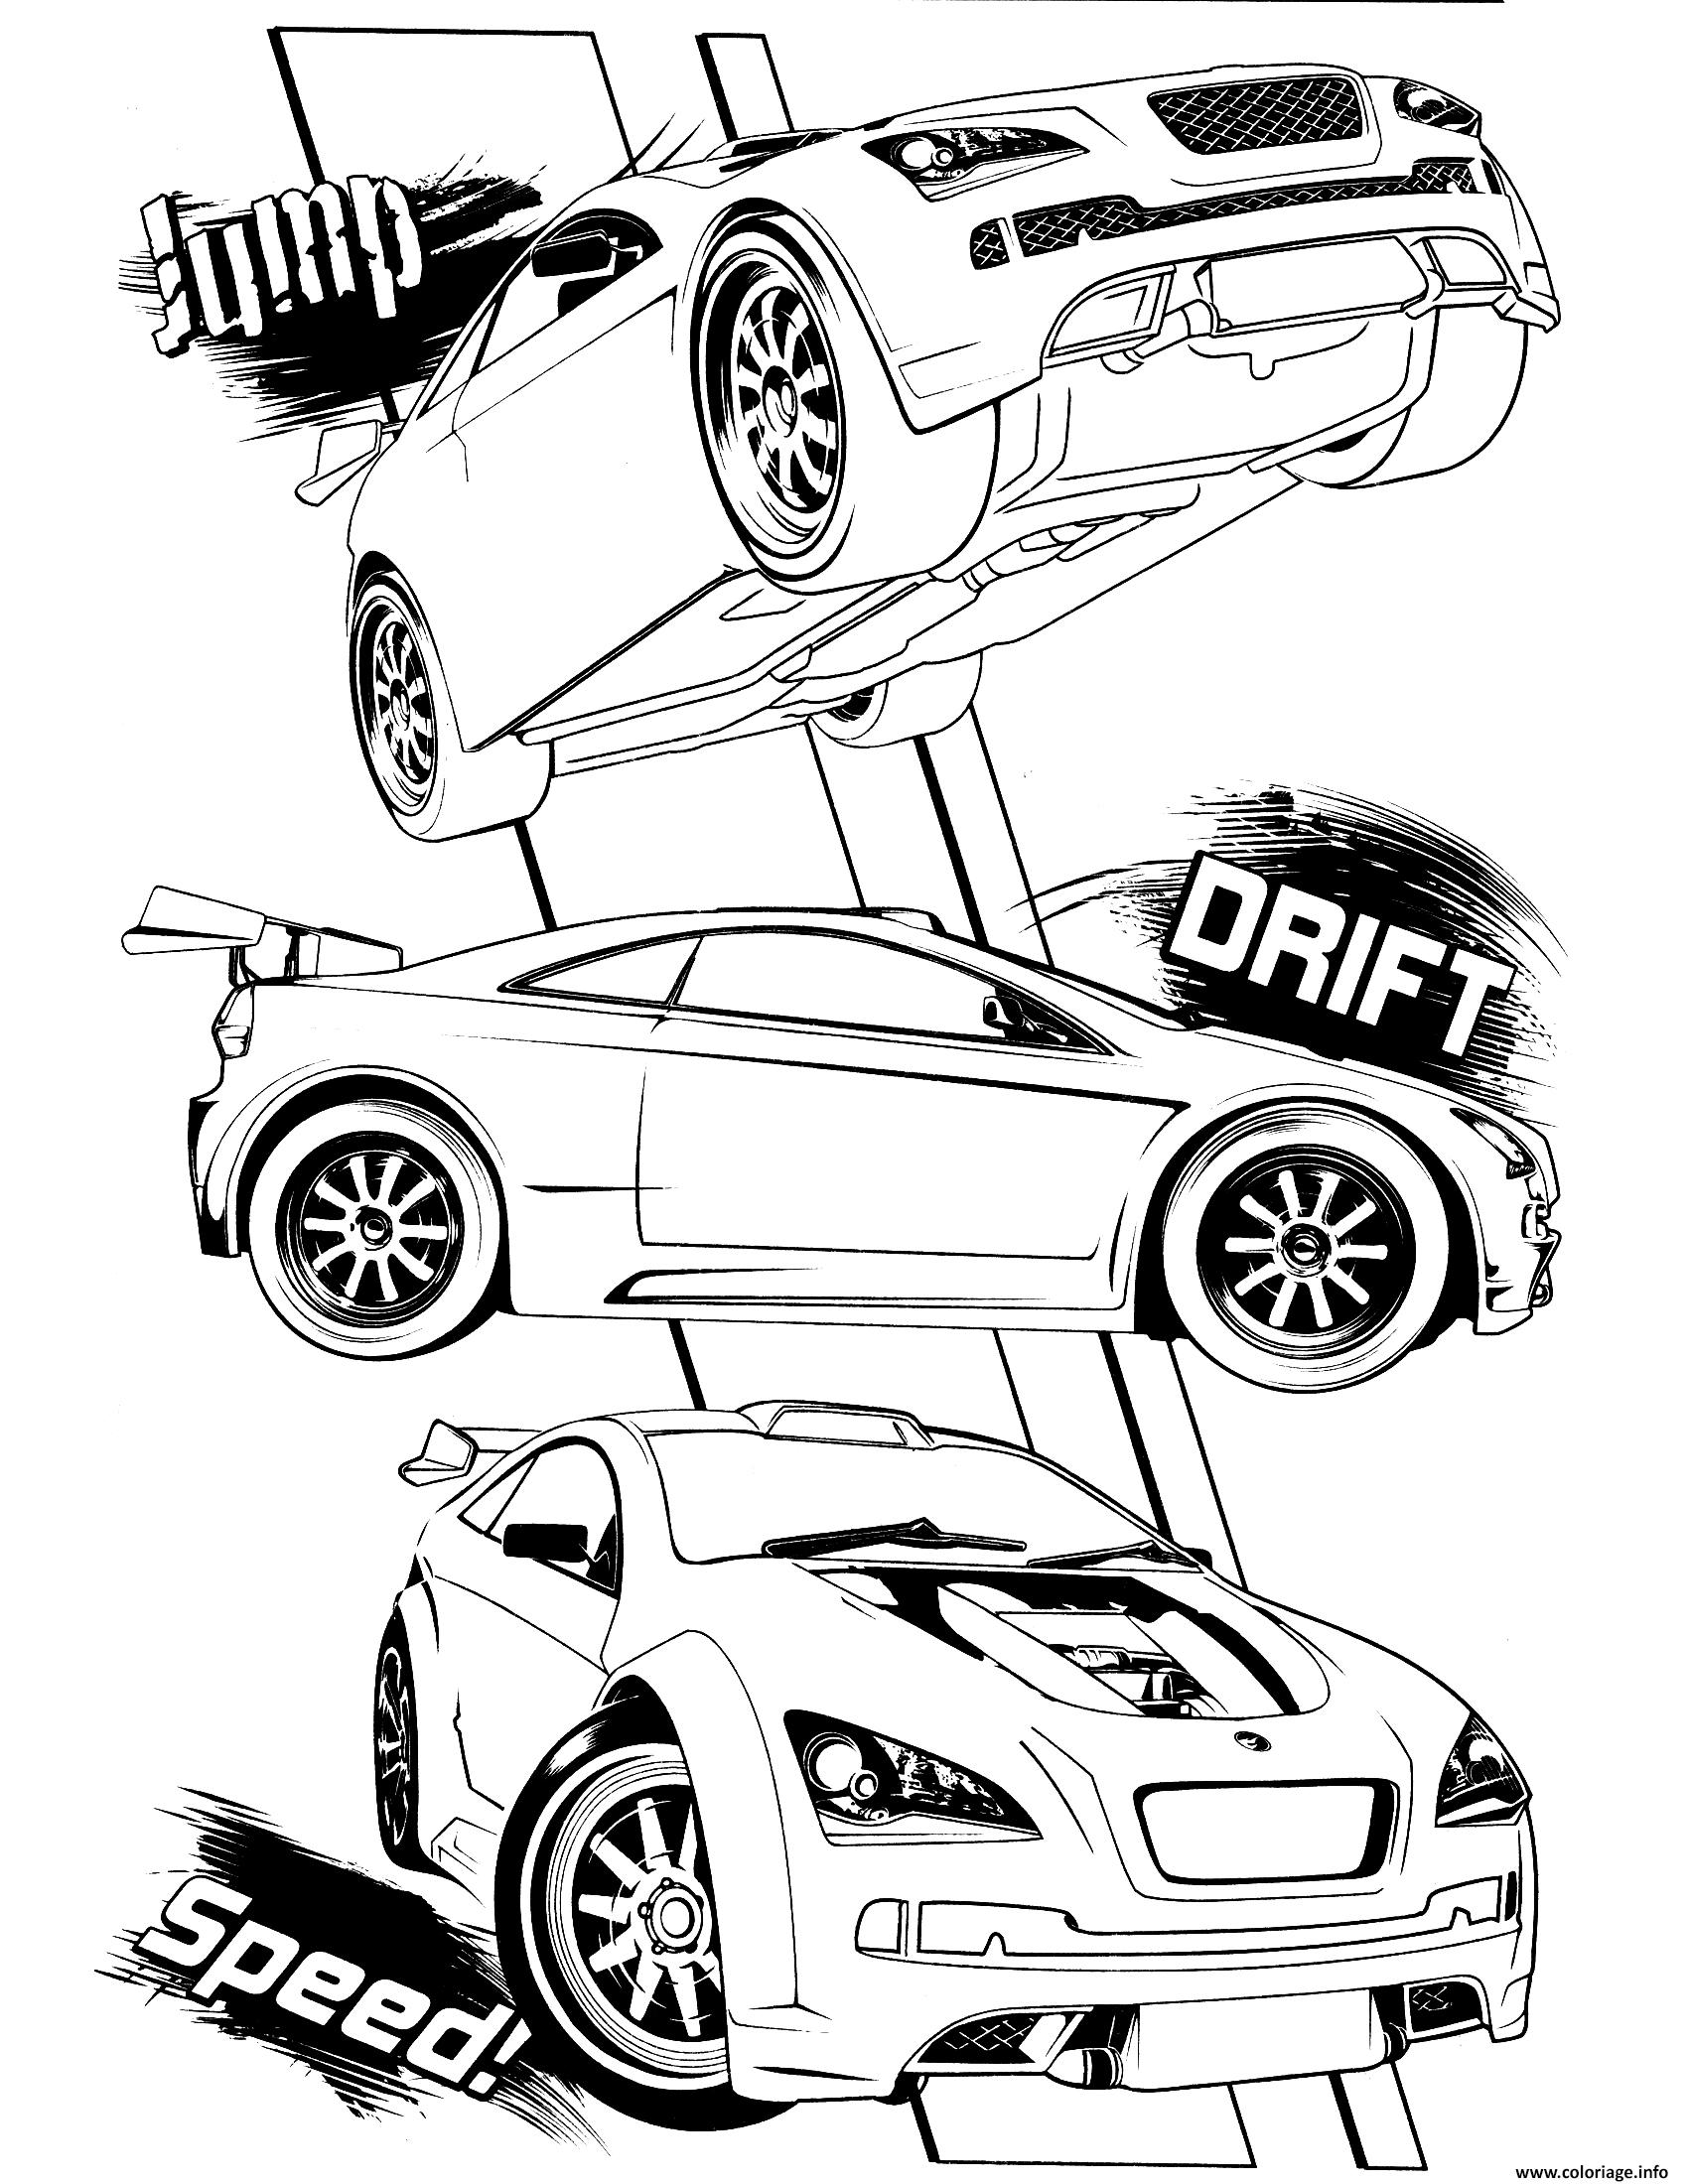 Dessin Jump Drift vitesse with Hotwheels voiture Coloriage Gratuit à Imprimer